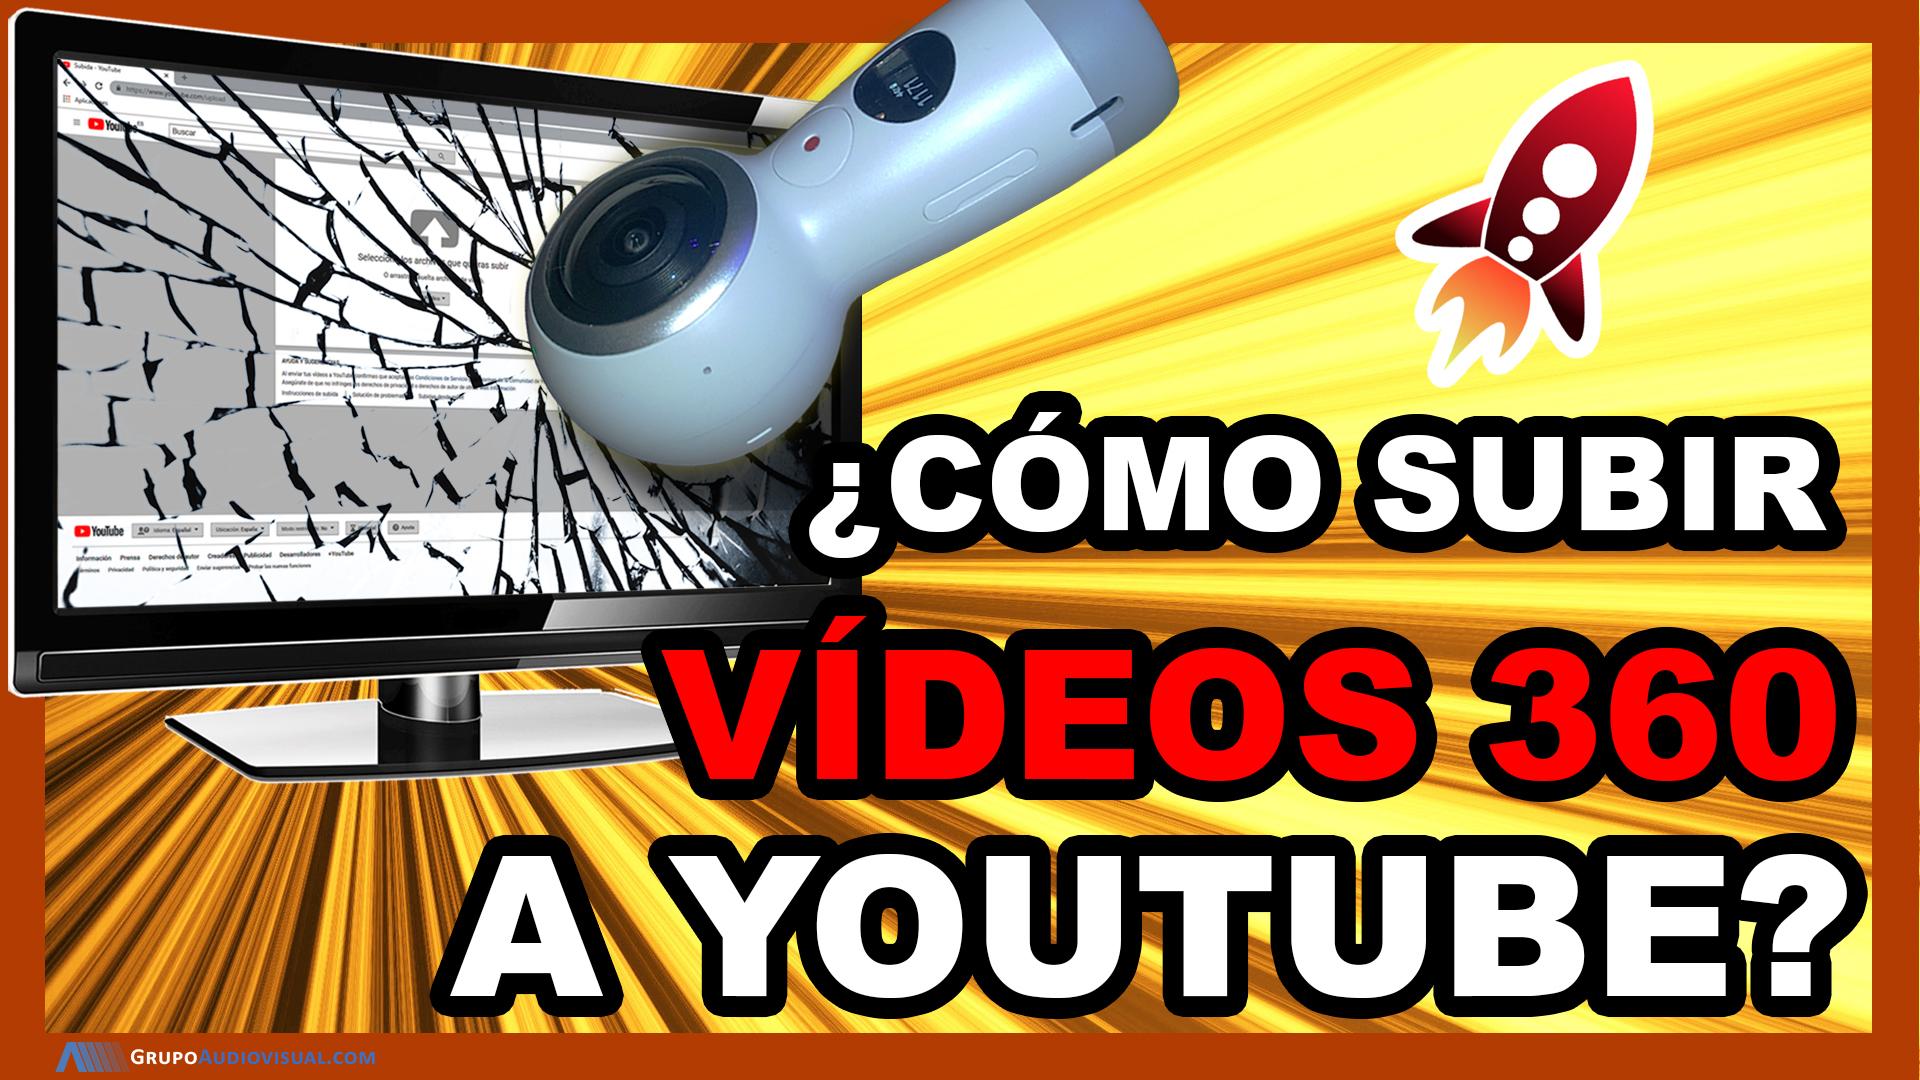 Como-subir-videos-360-a-Youtube-con-letras-grupoaudiovisual